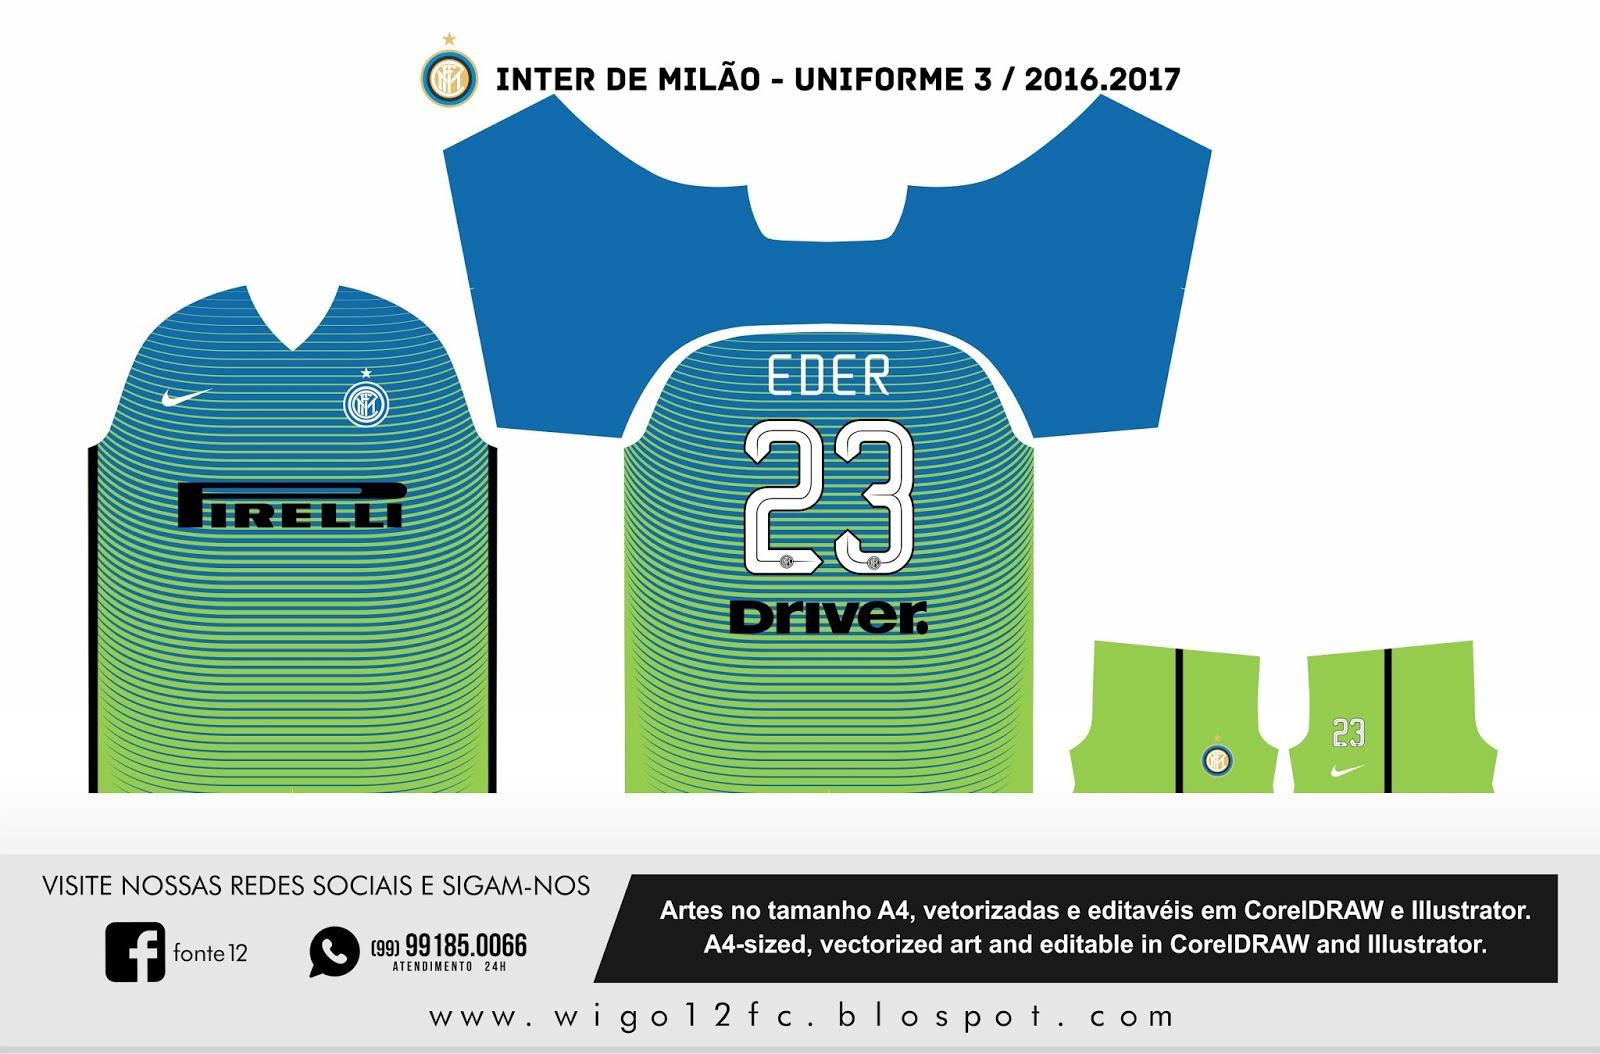 0a23cdb070 Fontes Camisas de Futebol  Uniforme Inter de Milão 2016-2017